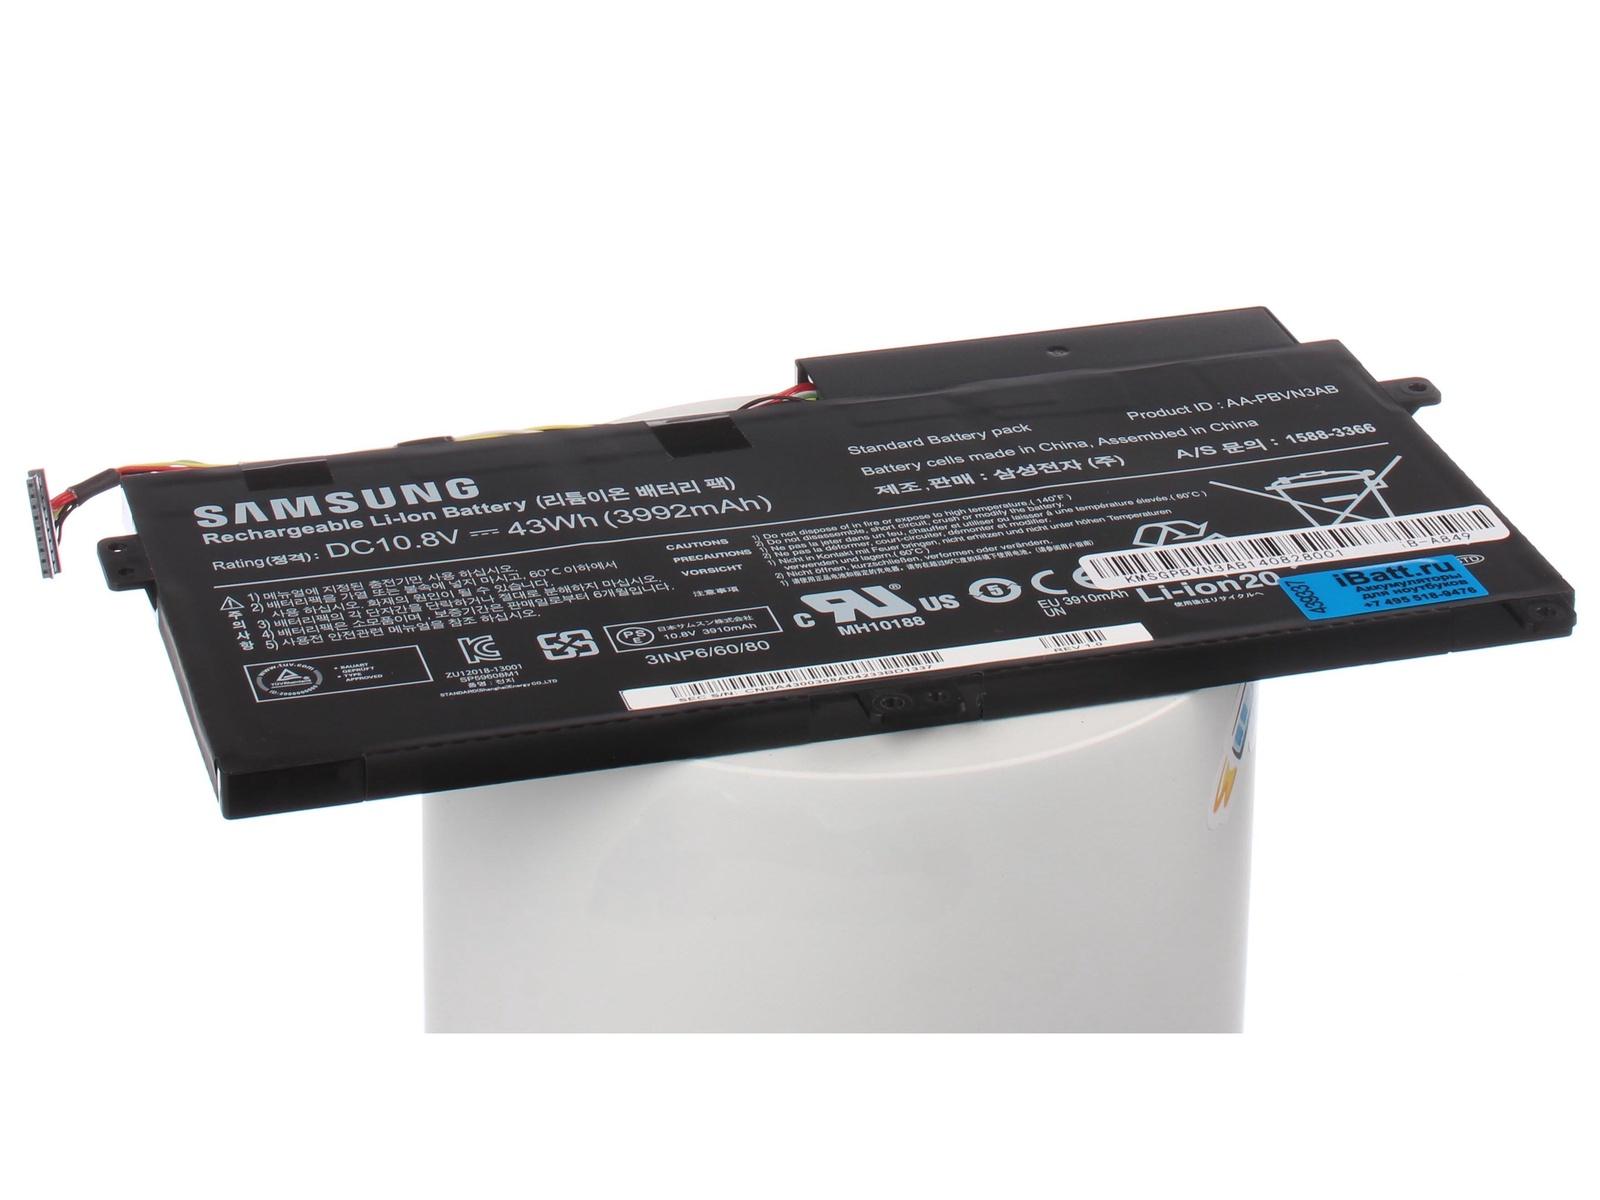 Аккумулятор для ноутбука iBatt для Samsung 450R4E, 470R4E, 370R5E-S0A, 370R5E-S07, 470R4E-K01, 370R5E-A01, 510R5E-S04, 370R4E, 510R5E-S02, 450R5E-X04, 370R5E-S02, 370R5E-S06, 510R5E-S05, 450R5E-X07, 450R4E-X01 скачать драйвера для ноутбука samsung